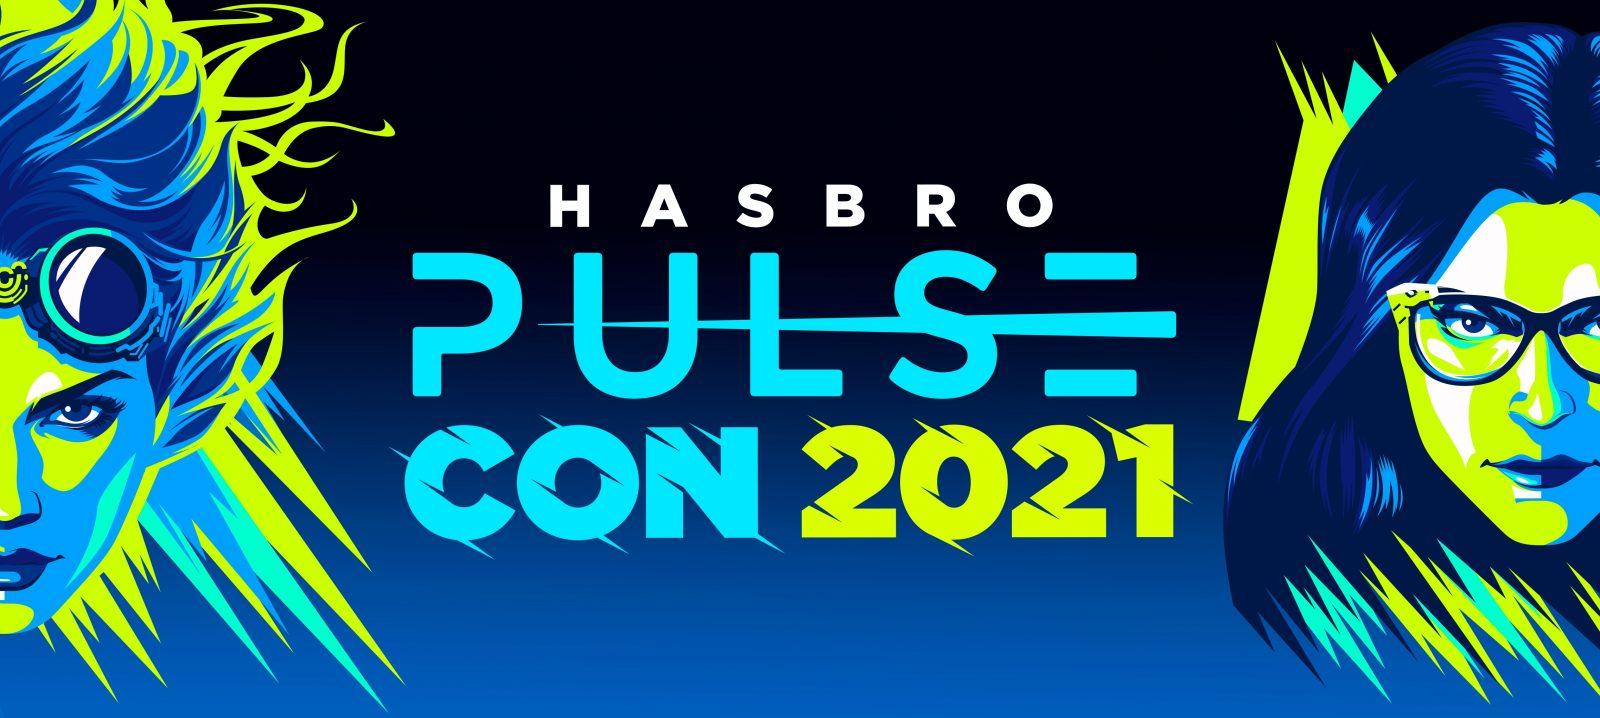 Pulse-Con-2021-Logo-1600x718.jpg